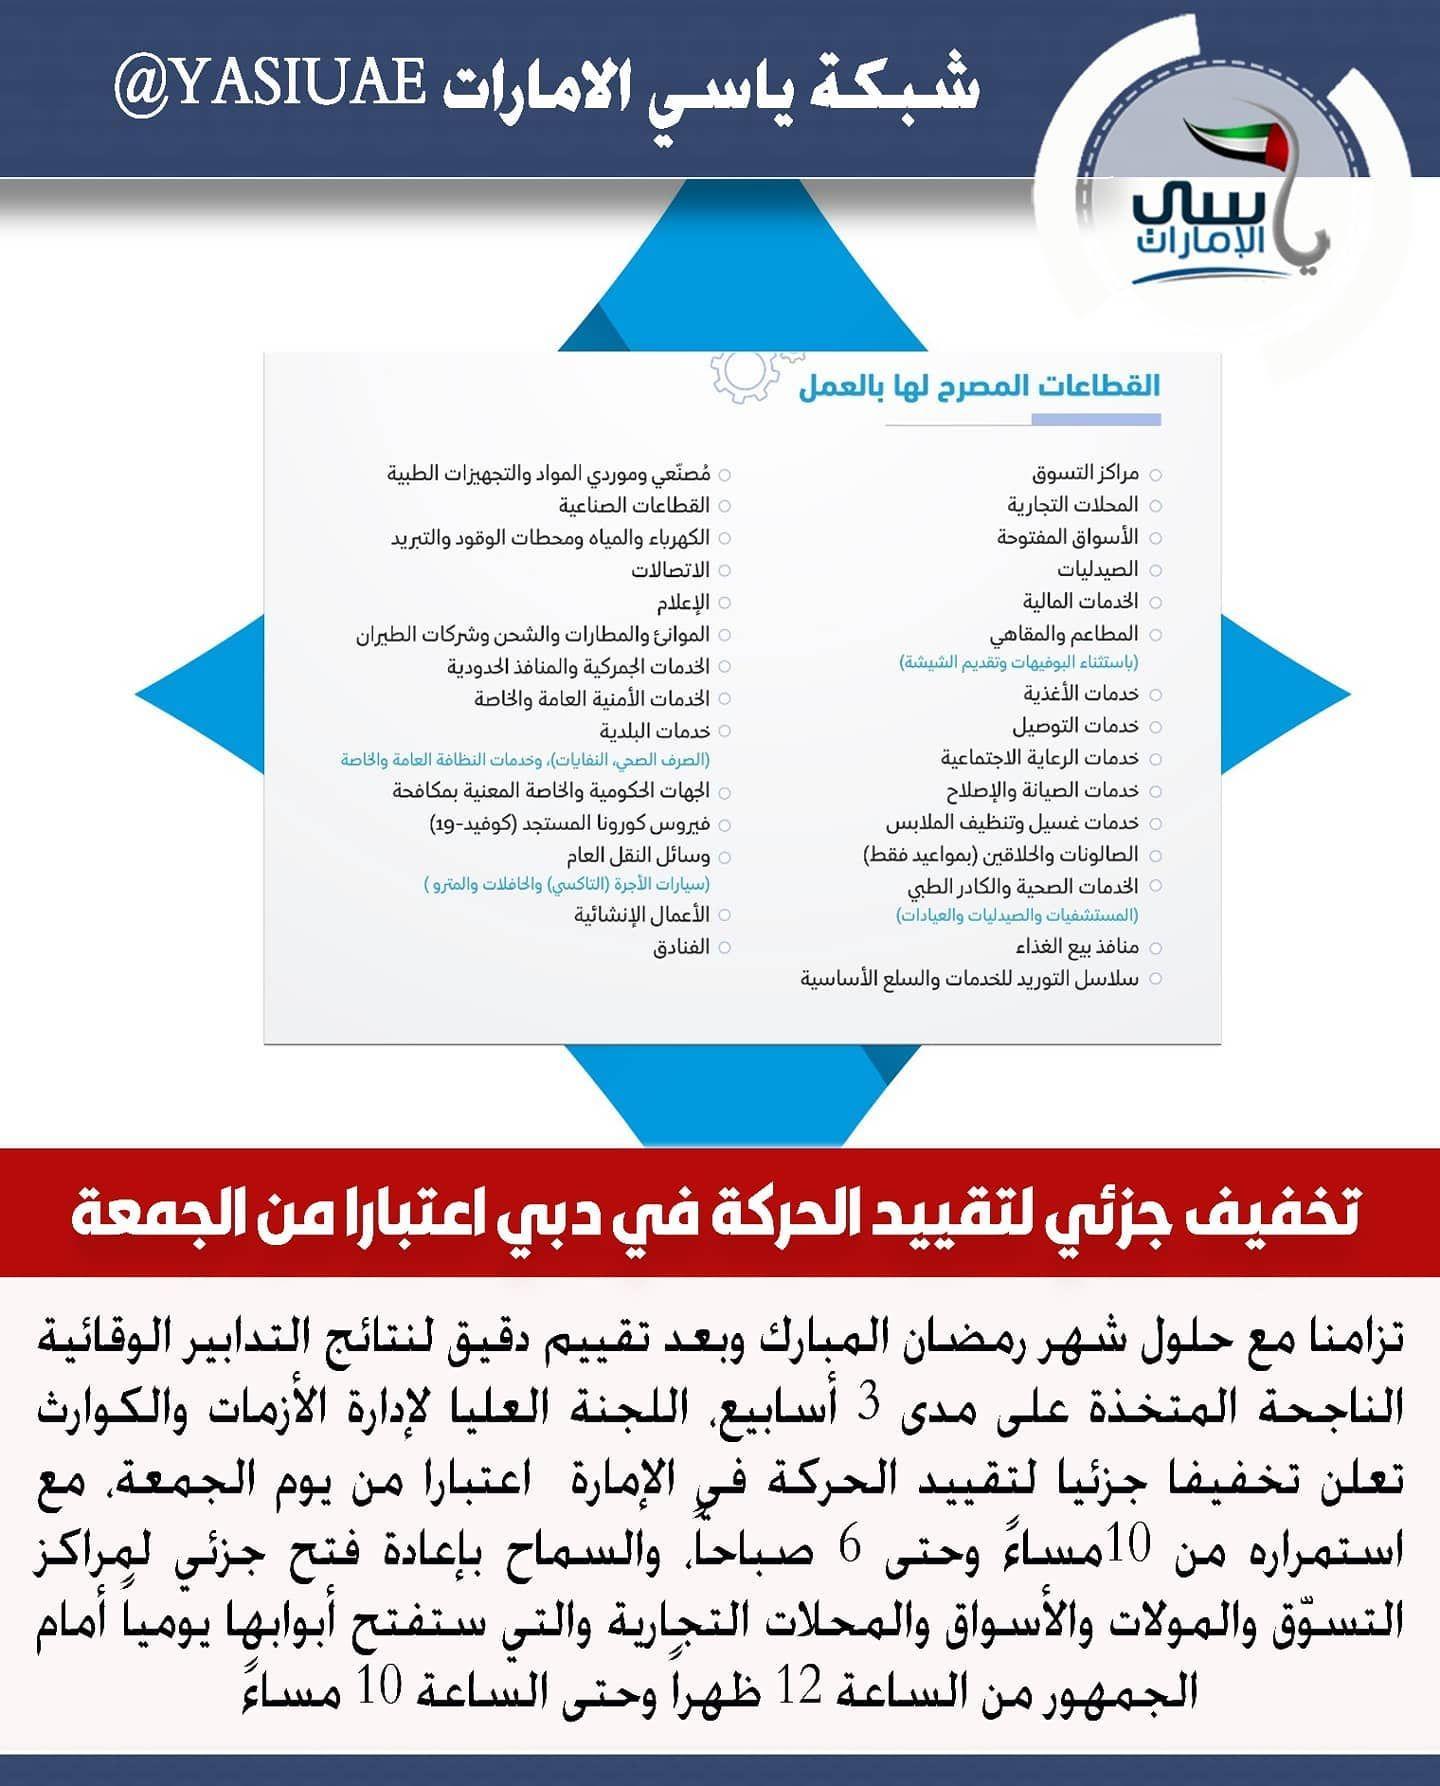 تزامنا مع حلول شهر رمضان المبارك وبعد تقييم دقيق لنتائج التدابير الوقائية الناجحة المتخذة على مدى 3 أسابيع اللجنة العليا لإدارة الأزمات والك Map Map Screenshot